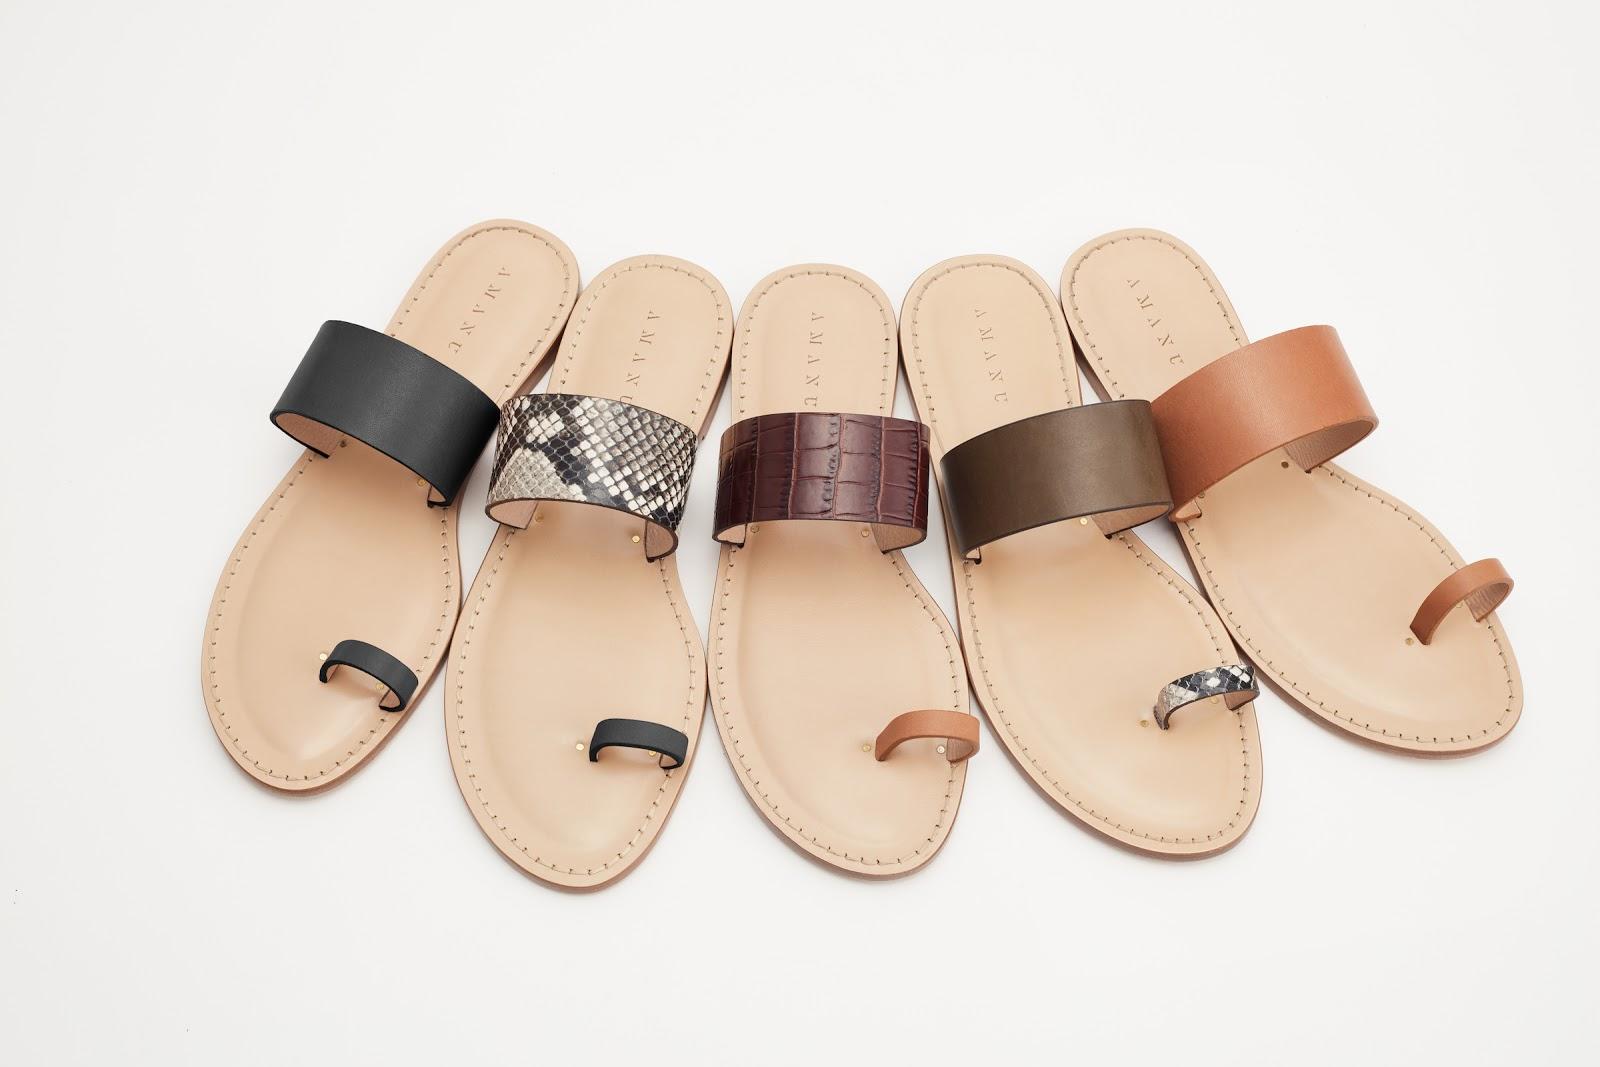 Cuyana x Amanu sandals